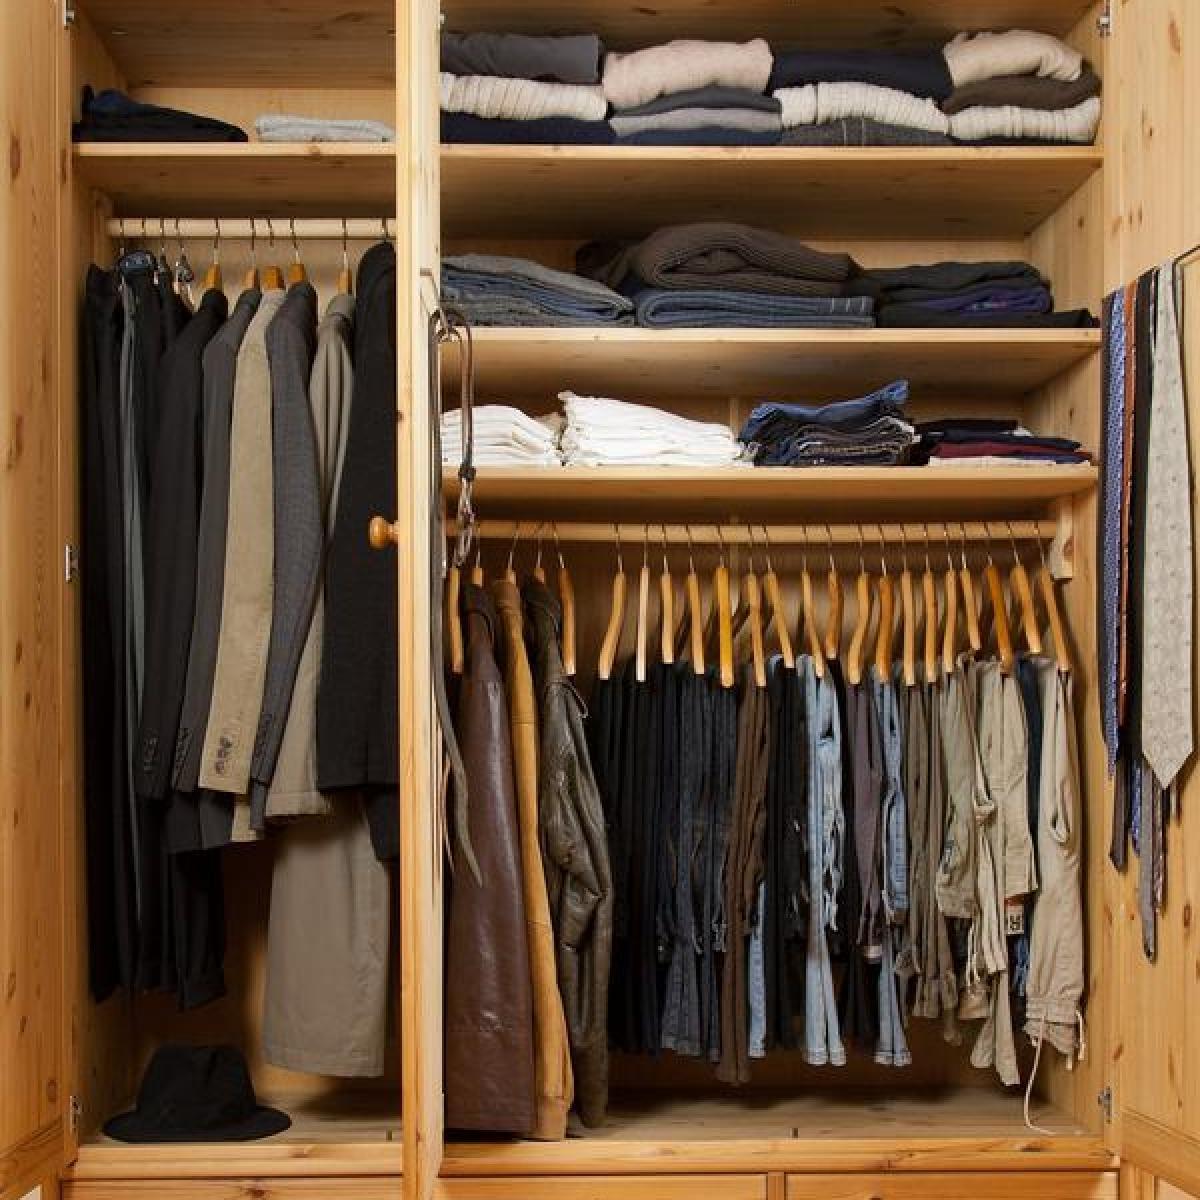 Wohnen: Stapeln oder hängen: Den Kleiderschrank planen - Bauen ...